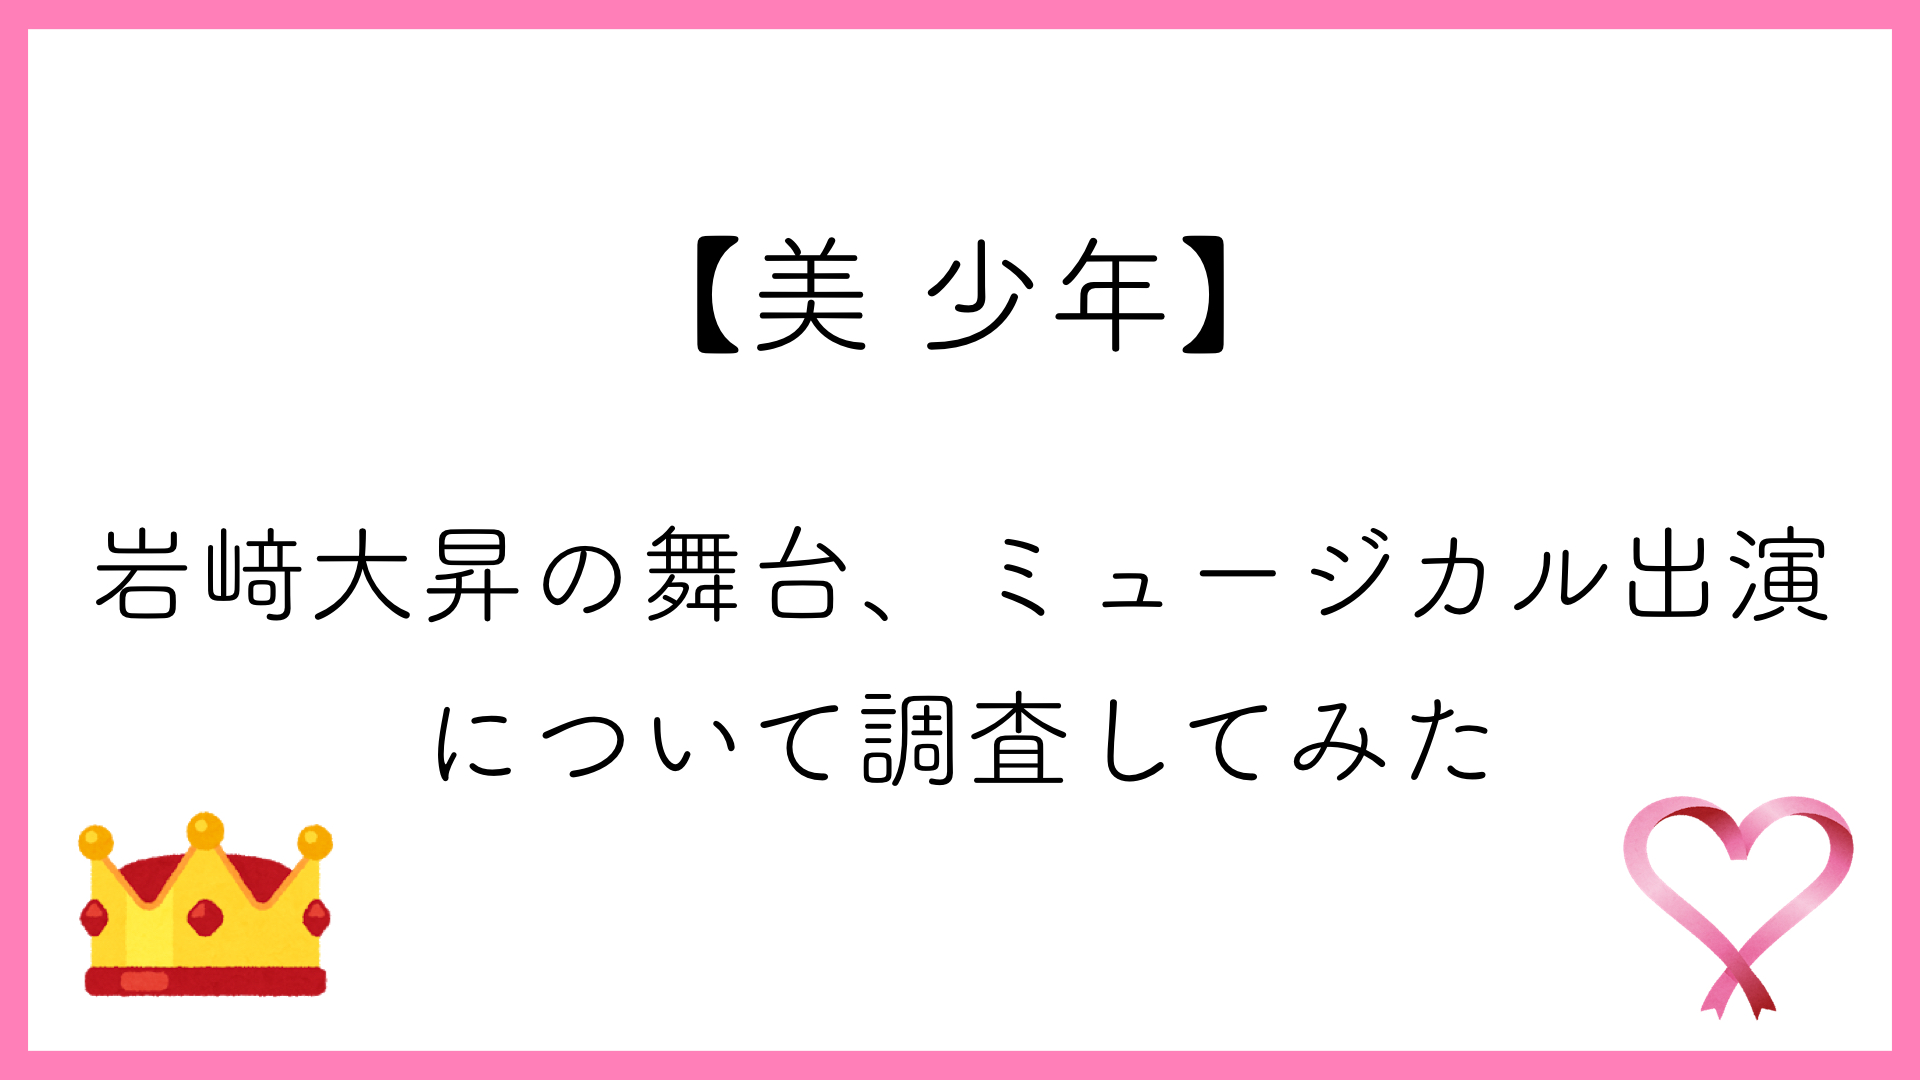 【美 少年】岩﨑大昇の舞台、ミュージカル出演について調査してみた